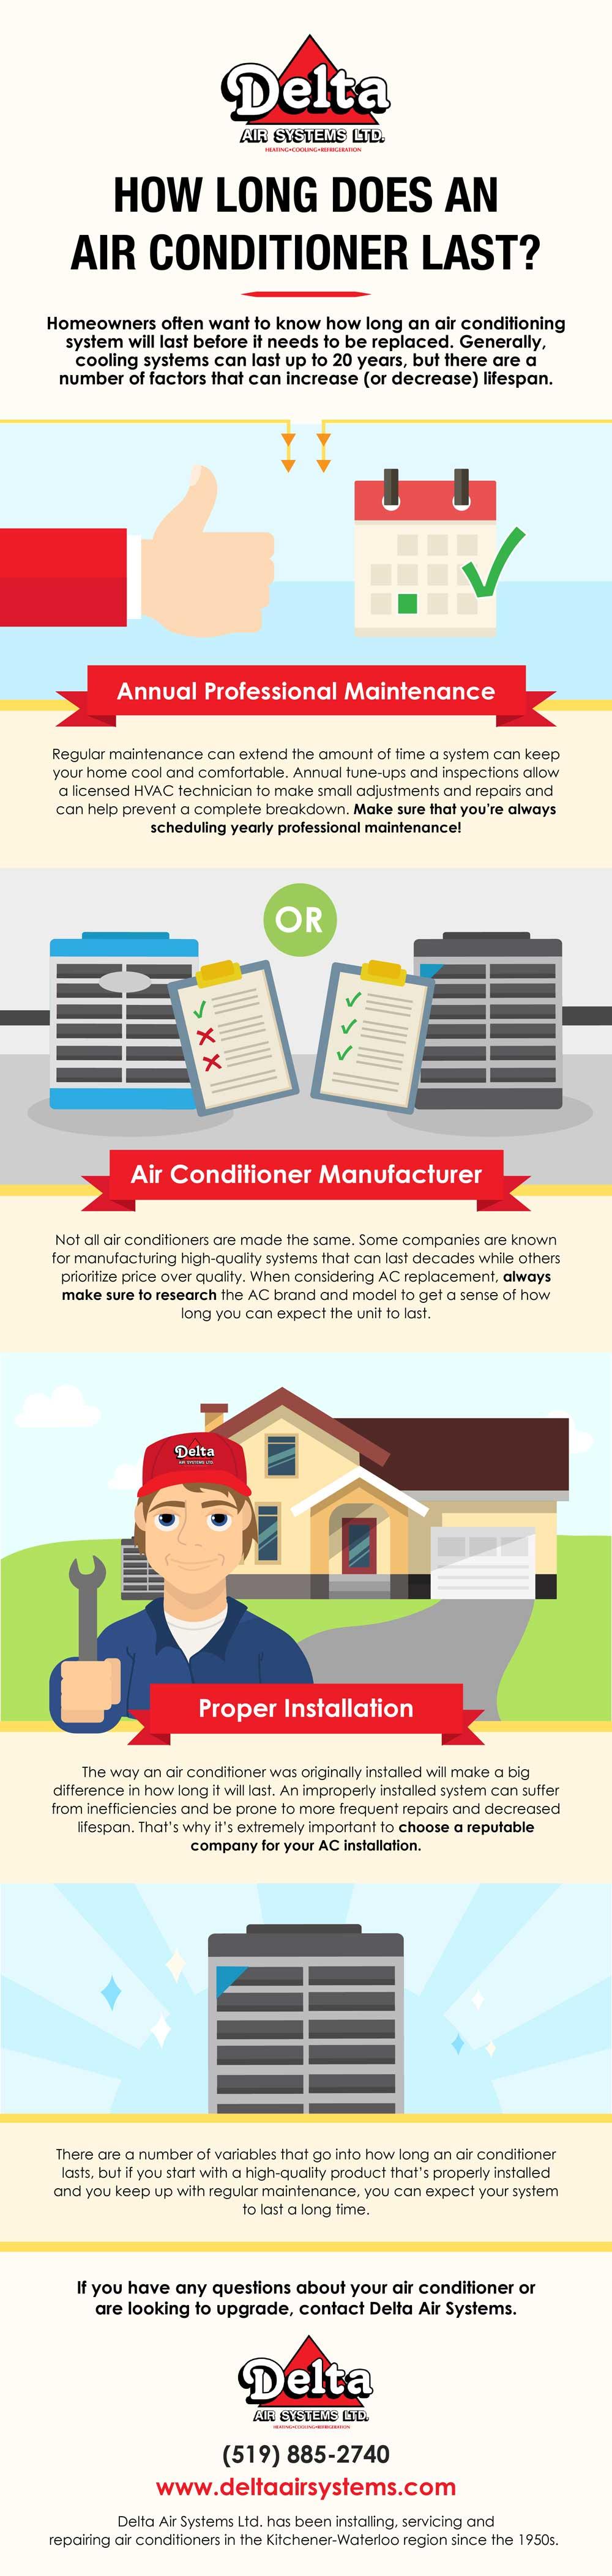 Air Conditioner Last